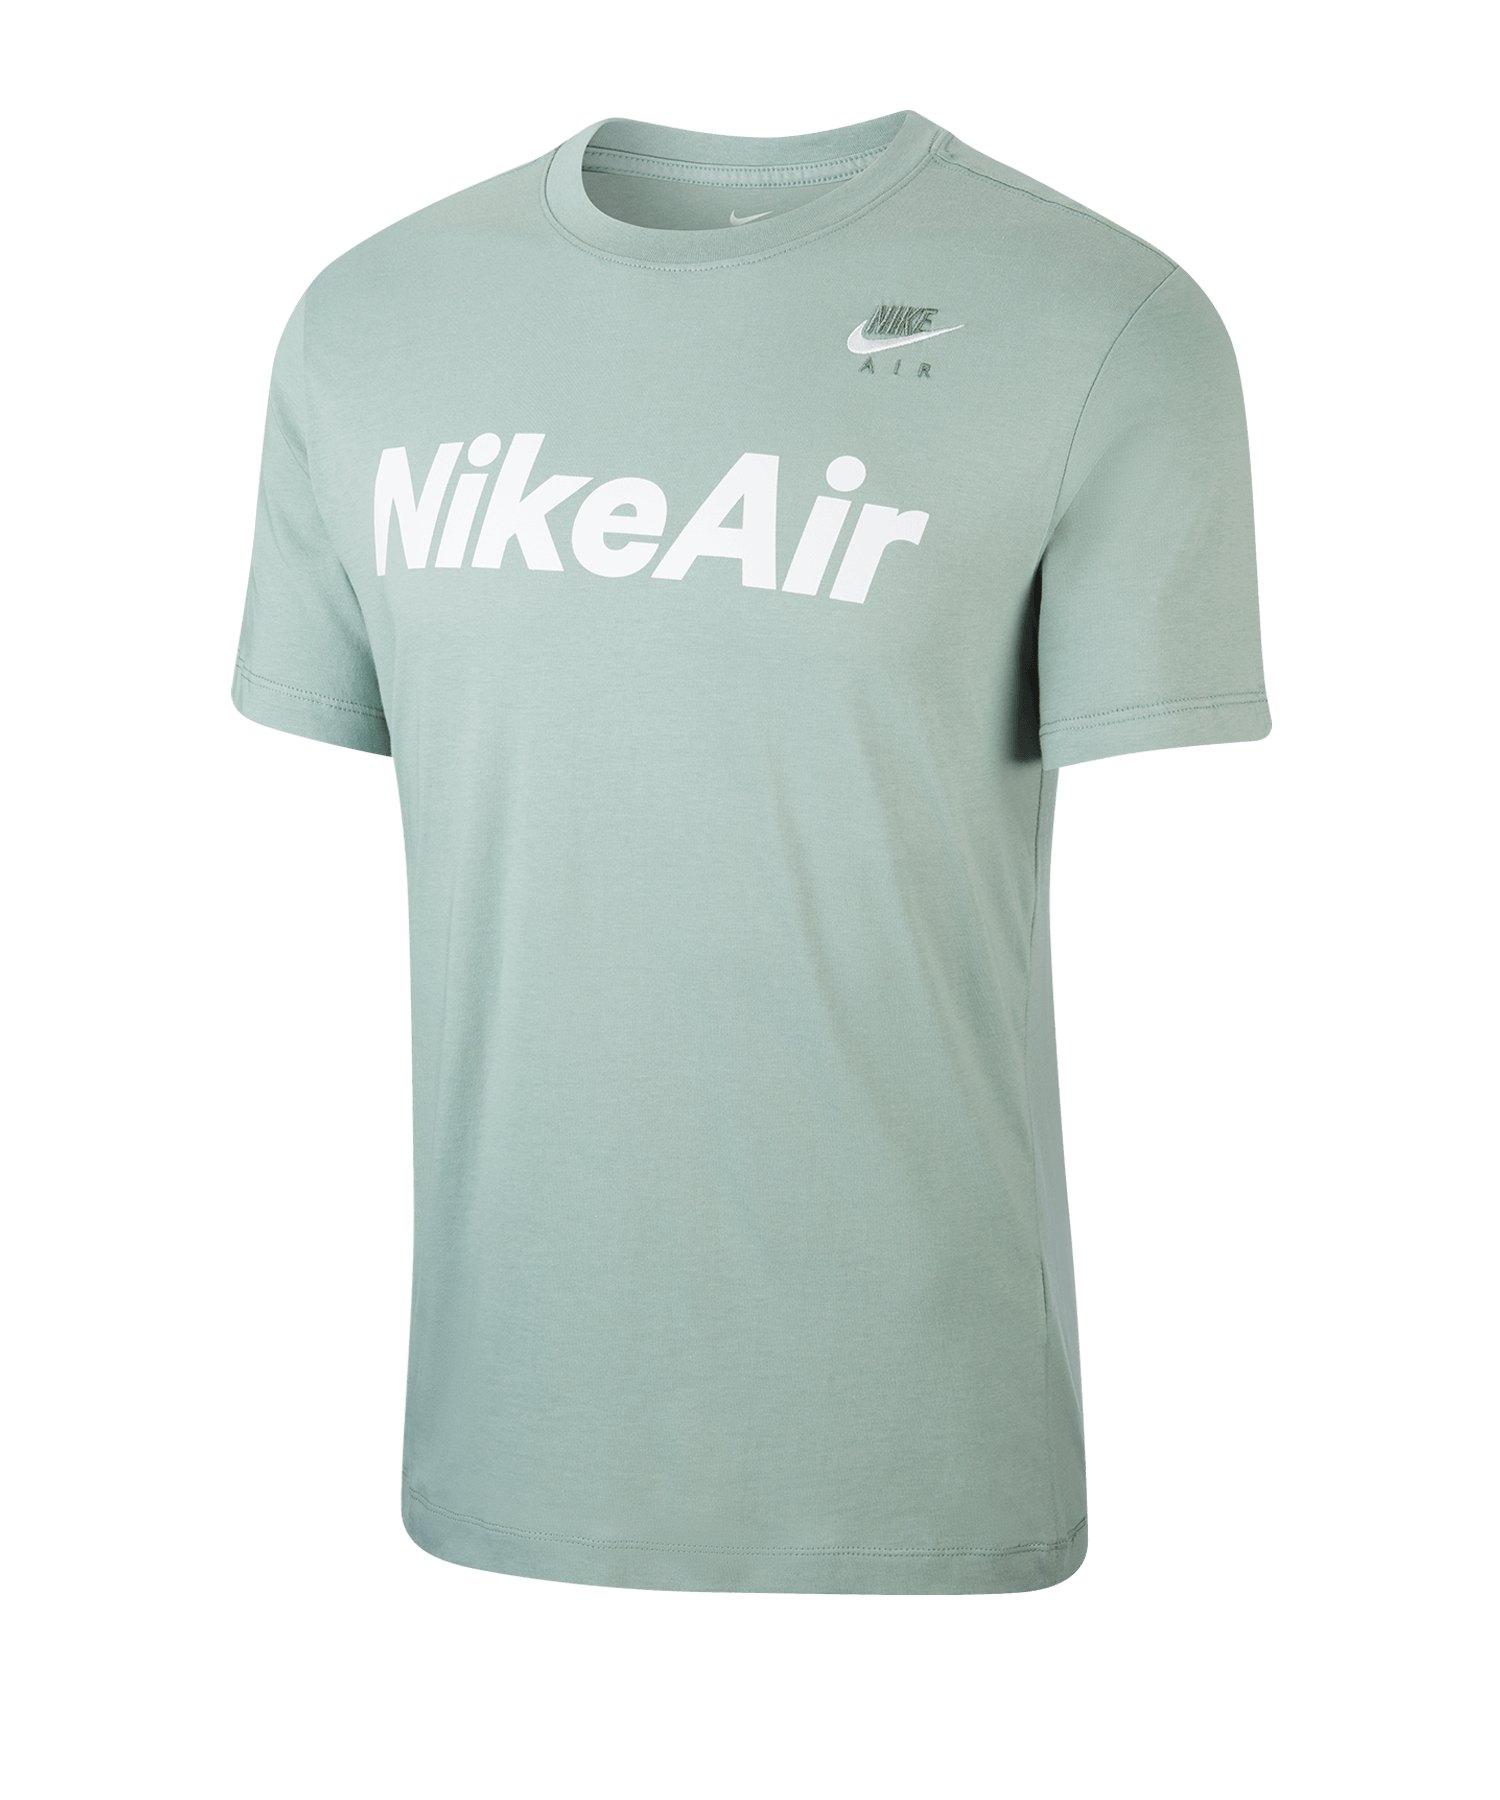 Nike Air T-Shirt Silber F352 - silber